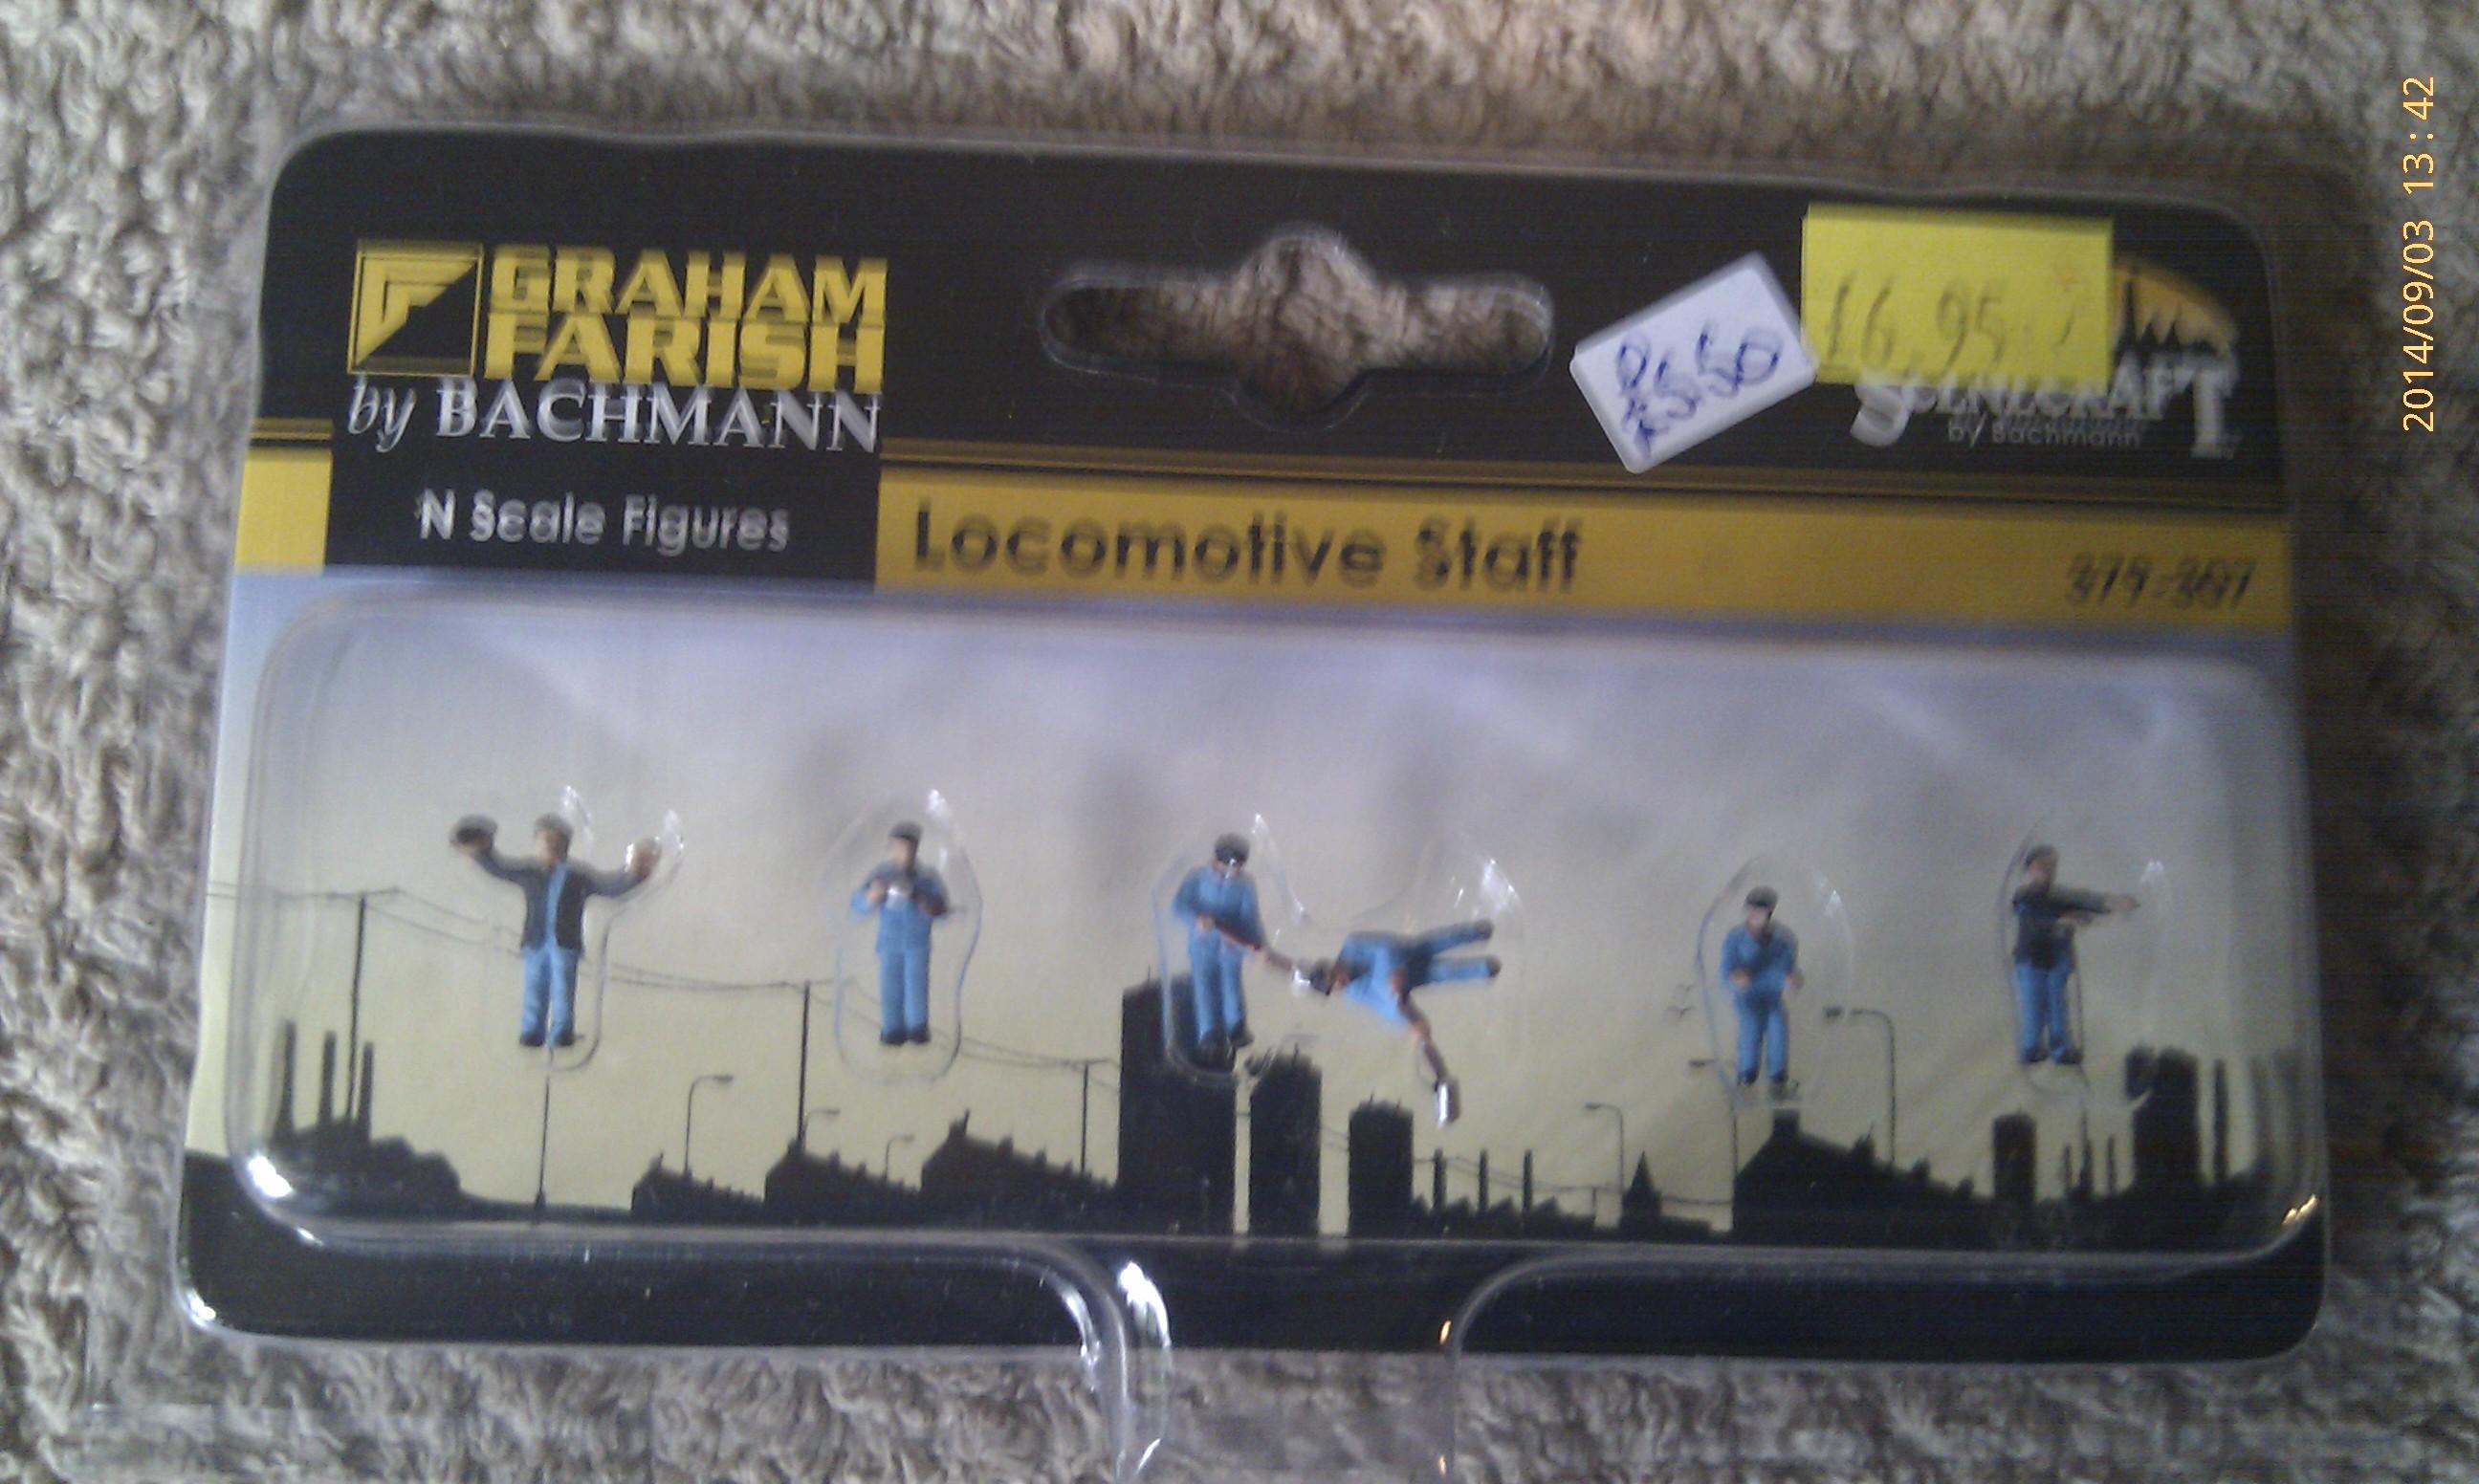 Locomotive Staff 379-307